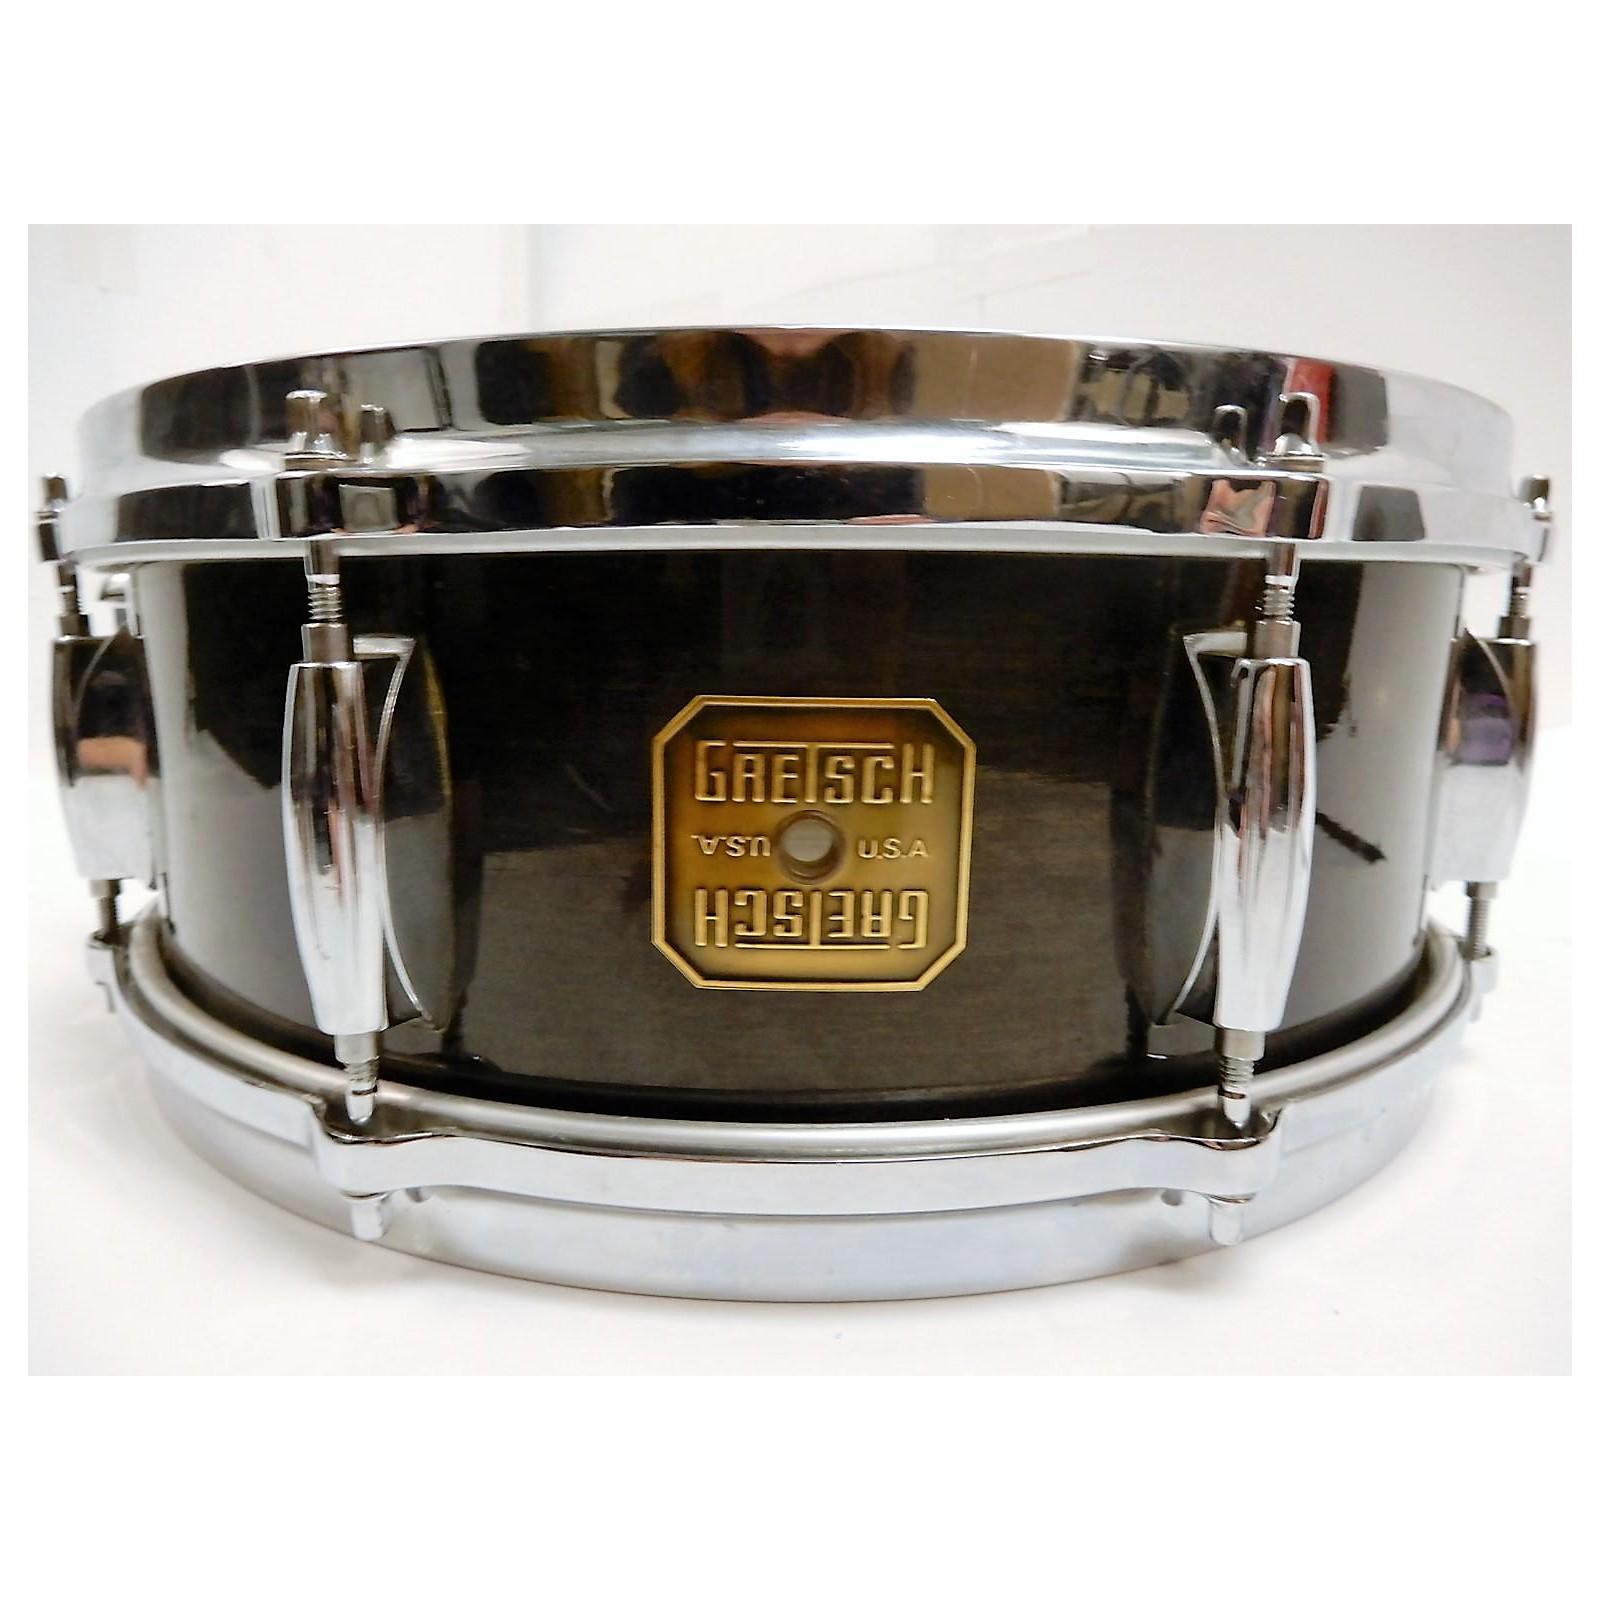 Gretsch Drums 5X14 G4157 Drum